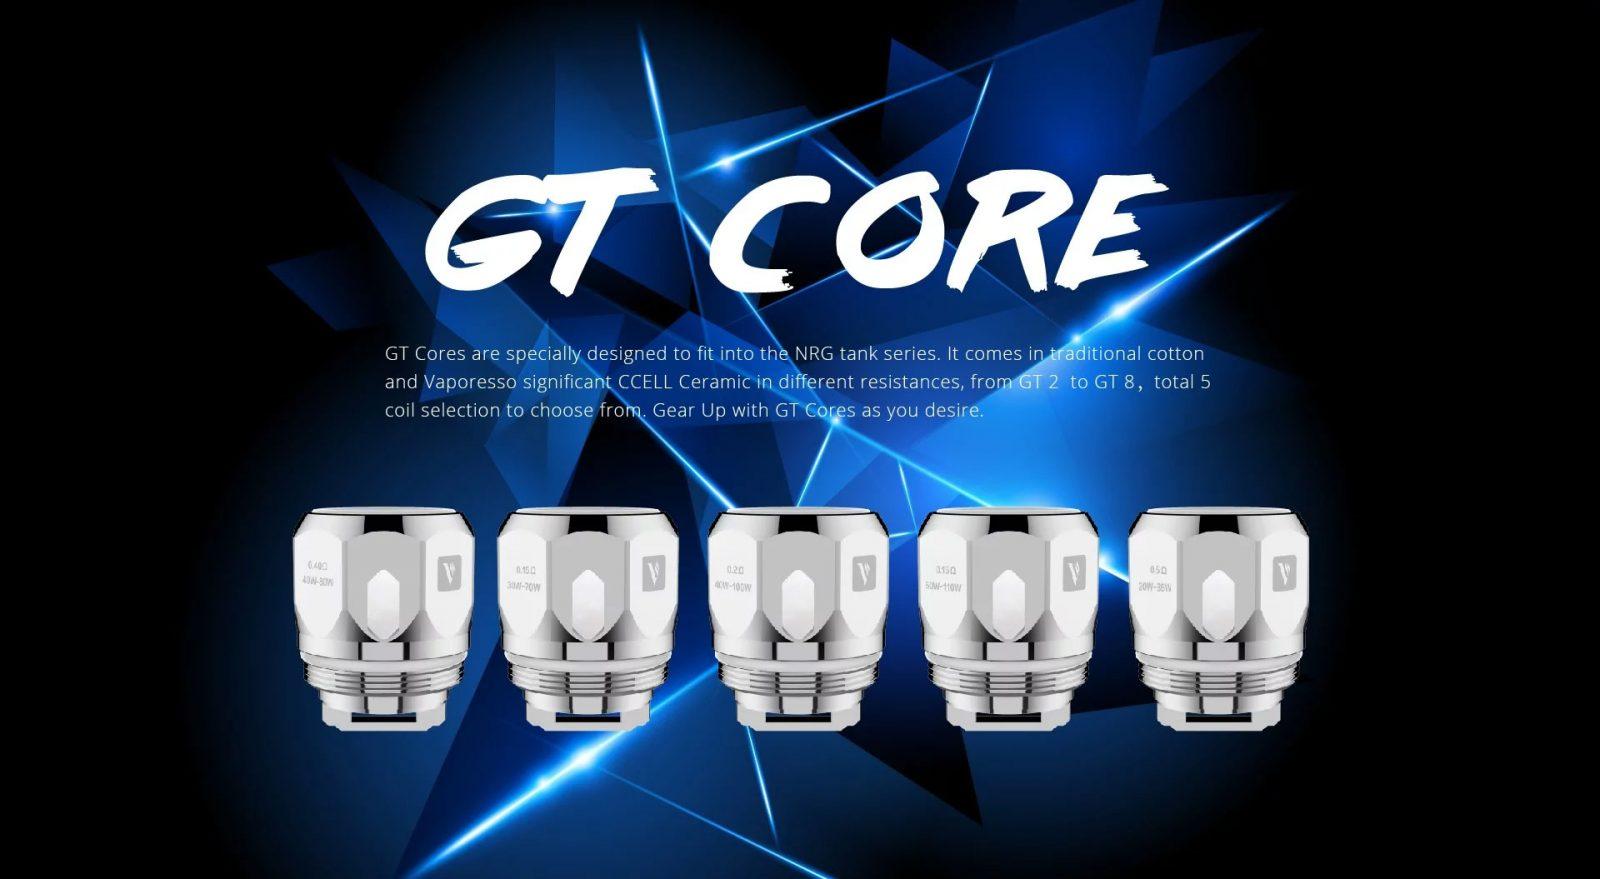 GT Core Coils Instructions